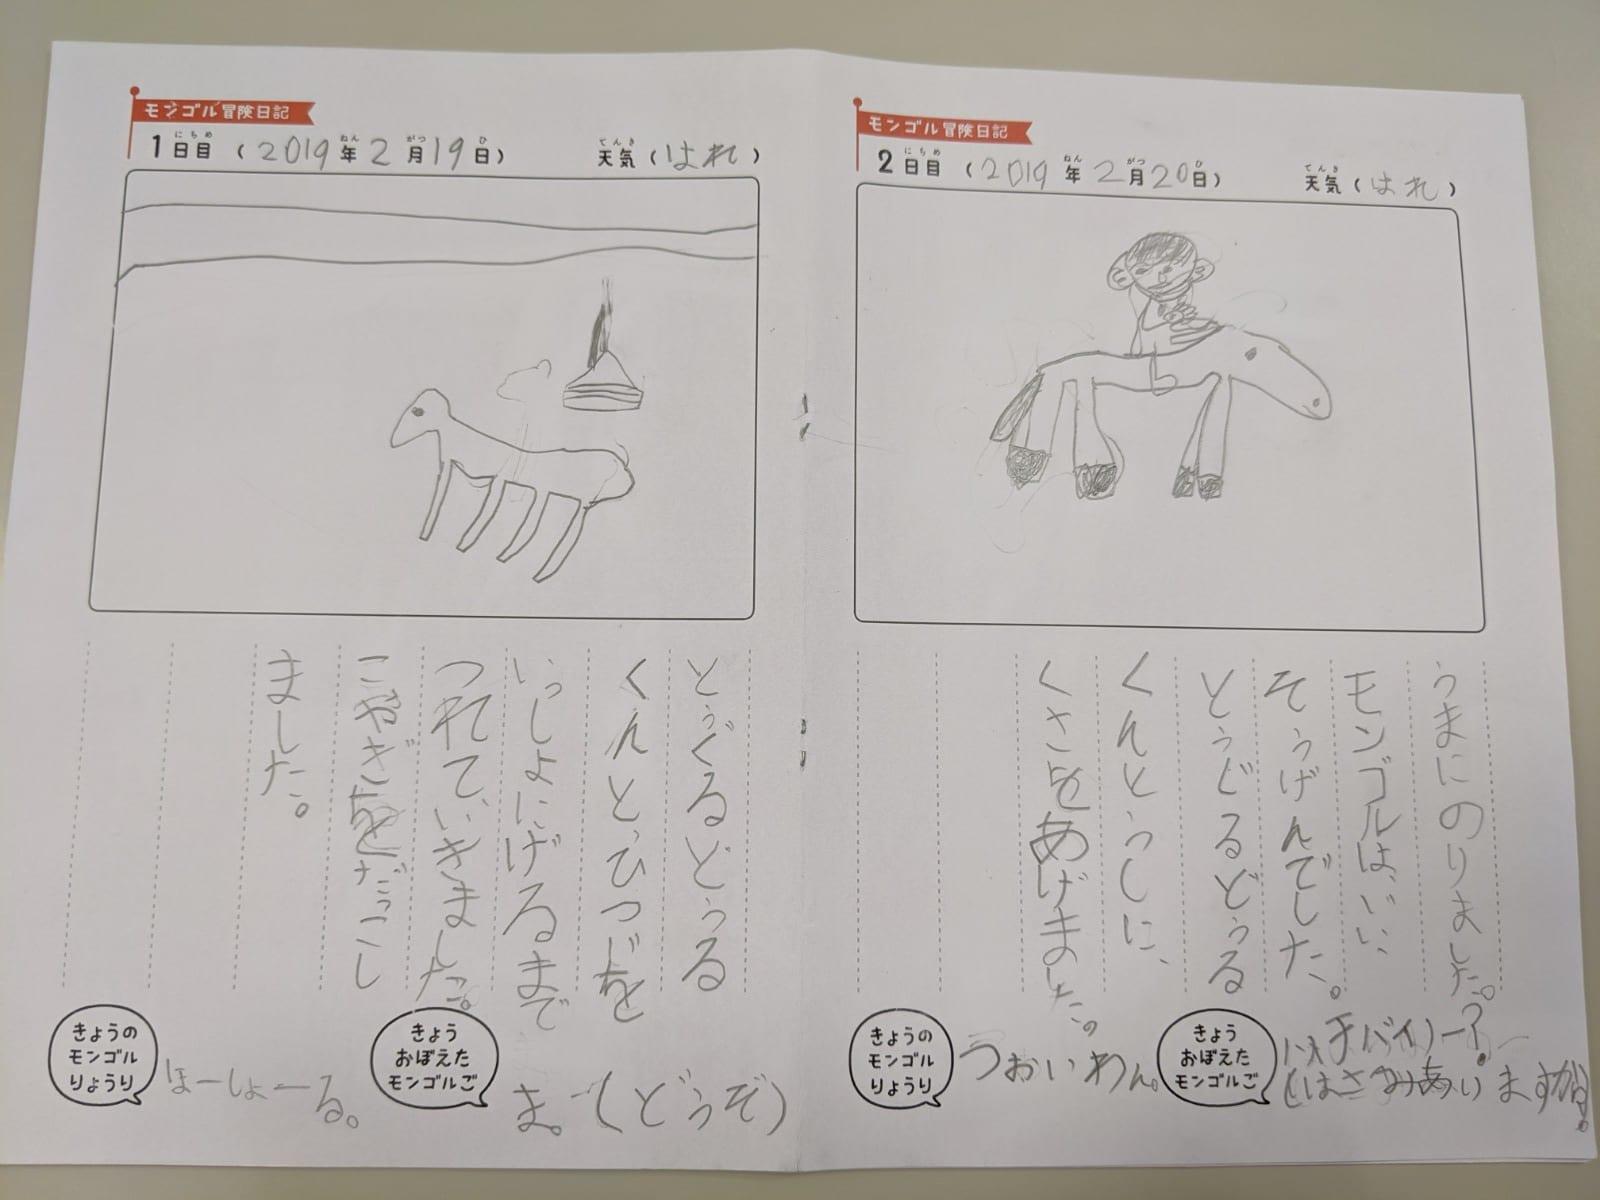 絵日記のページ(羊:左 と 乗馬風景:右)